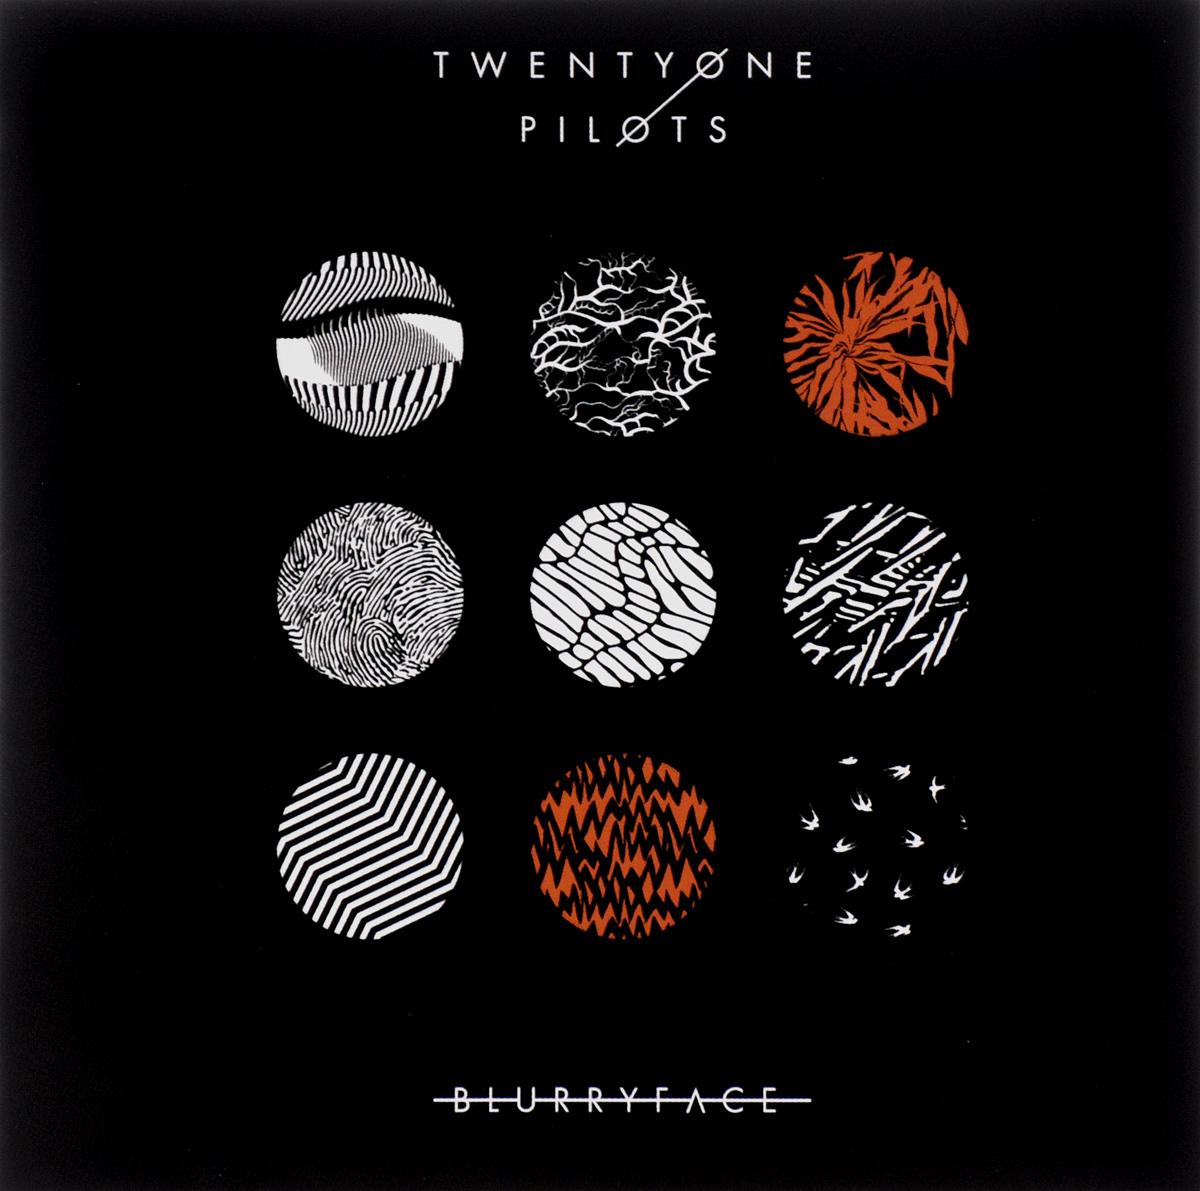 Twenty One Pilots Twenty One Pilots: Blurryface sd one 36